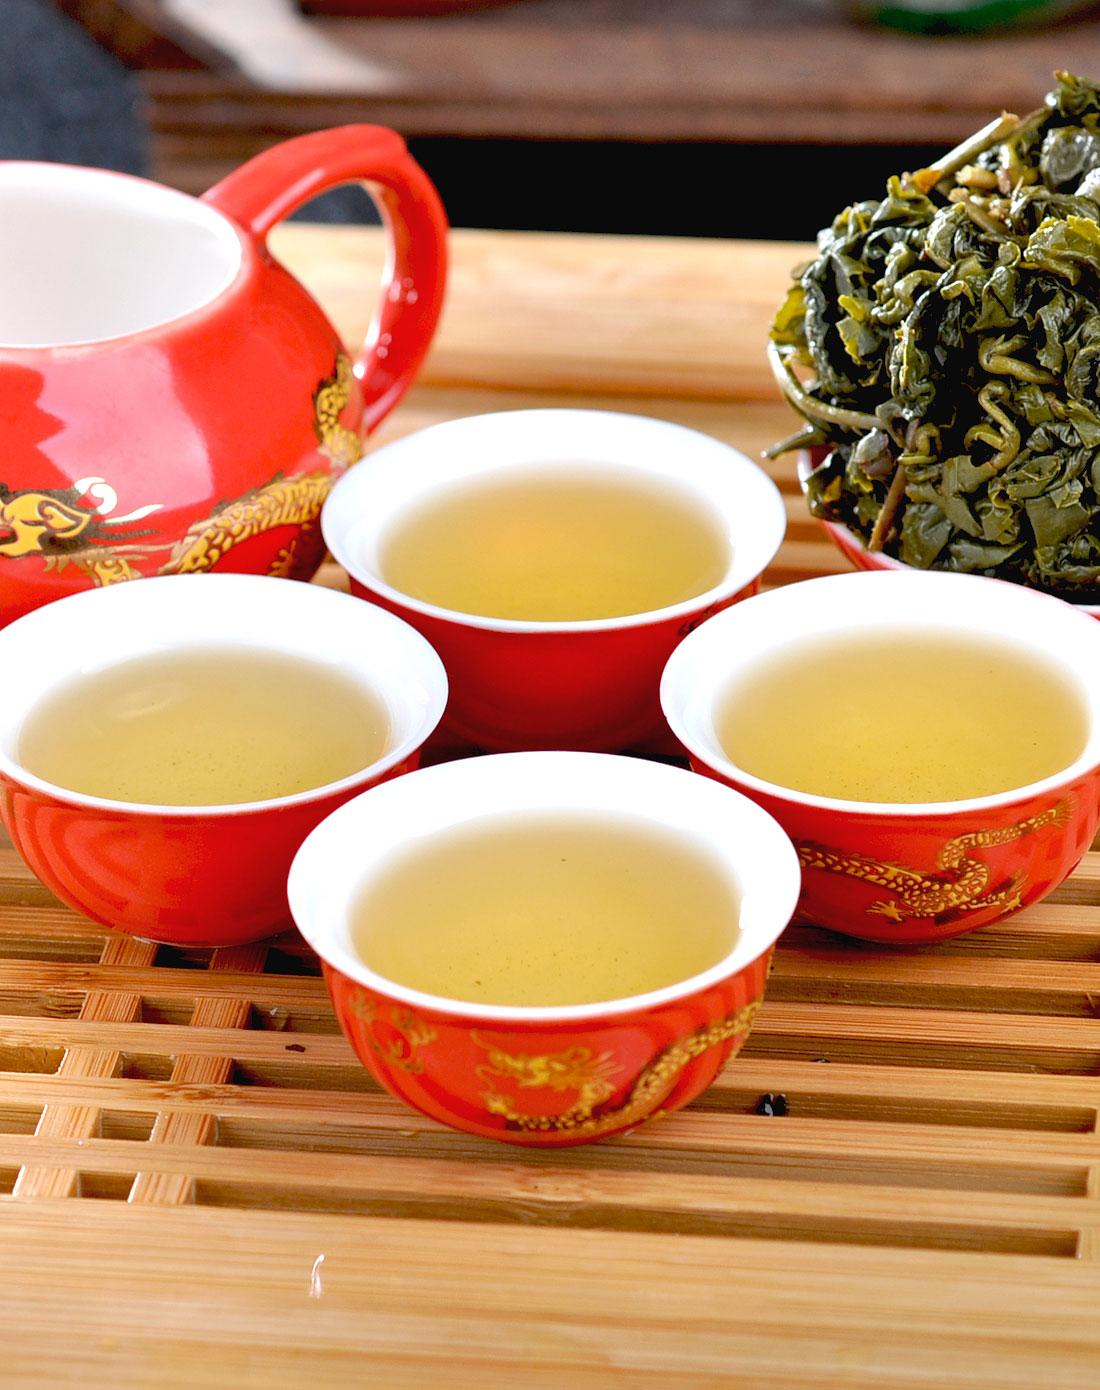 高山茶叶_高山茶网站管理系统